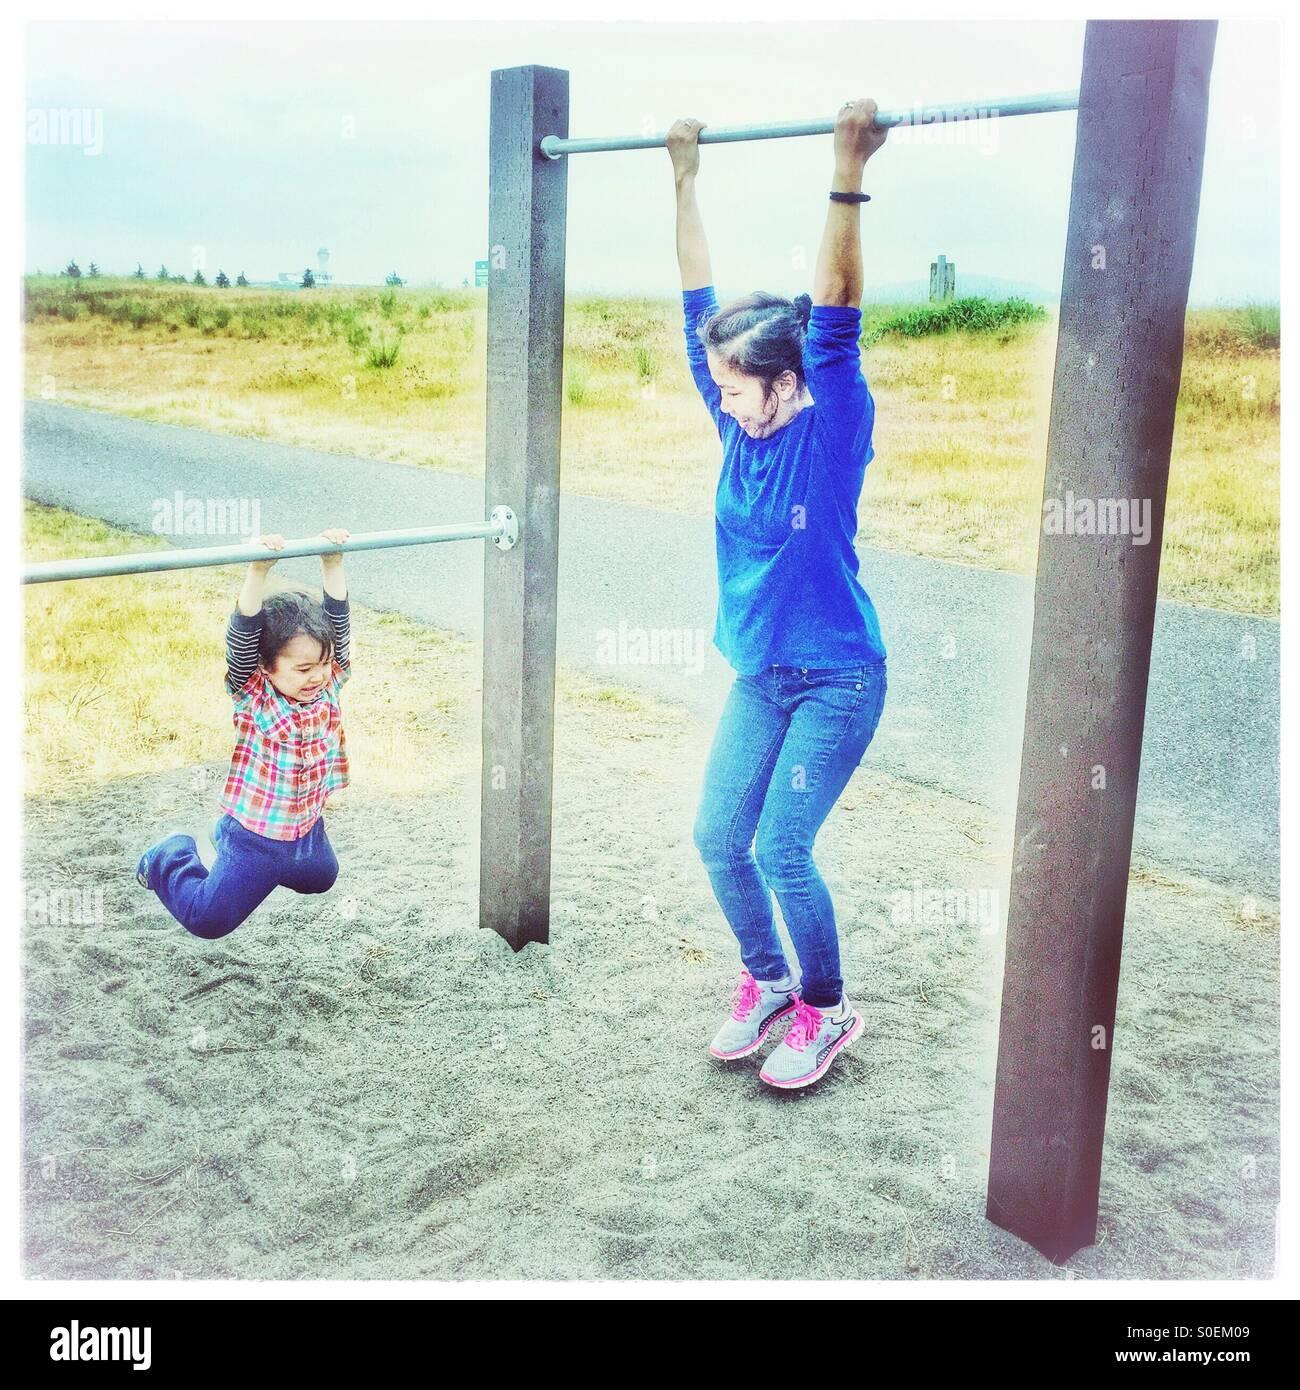 Une mère et enfant chaque trouver des barres de traction et barres adjacentes à leur taille pour l'exercice Photo Stock